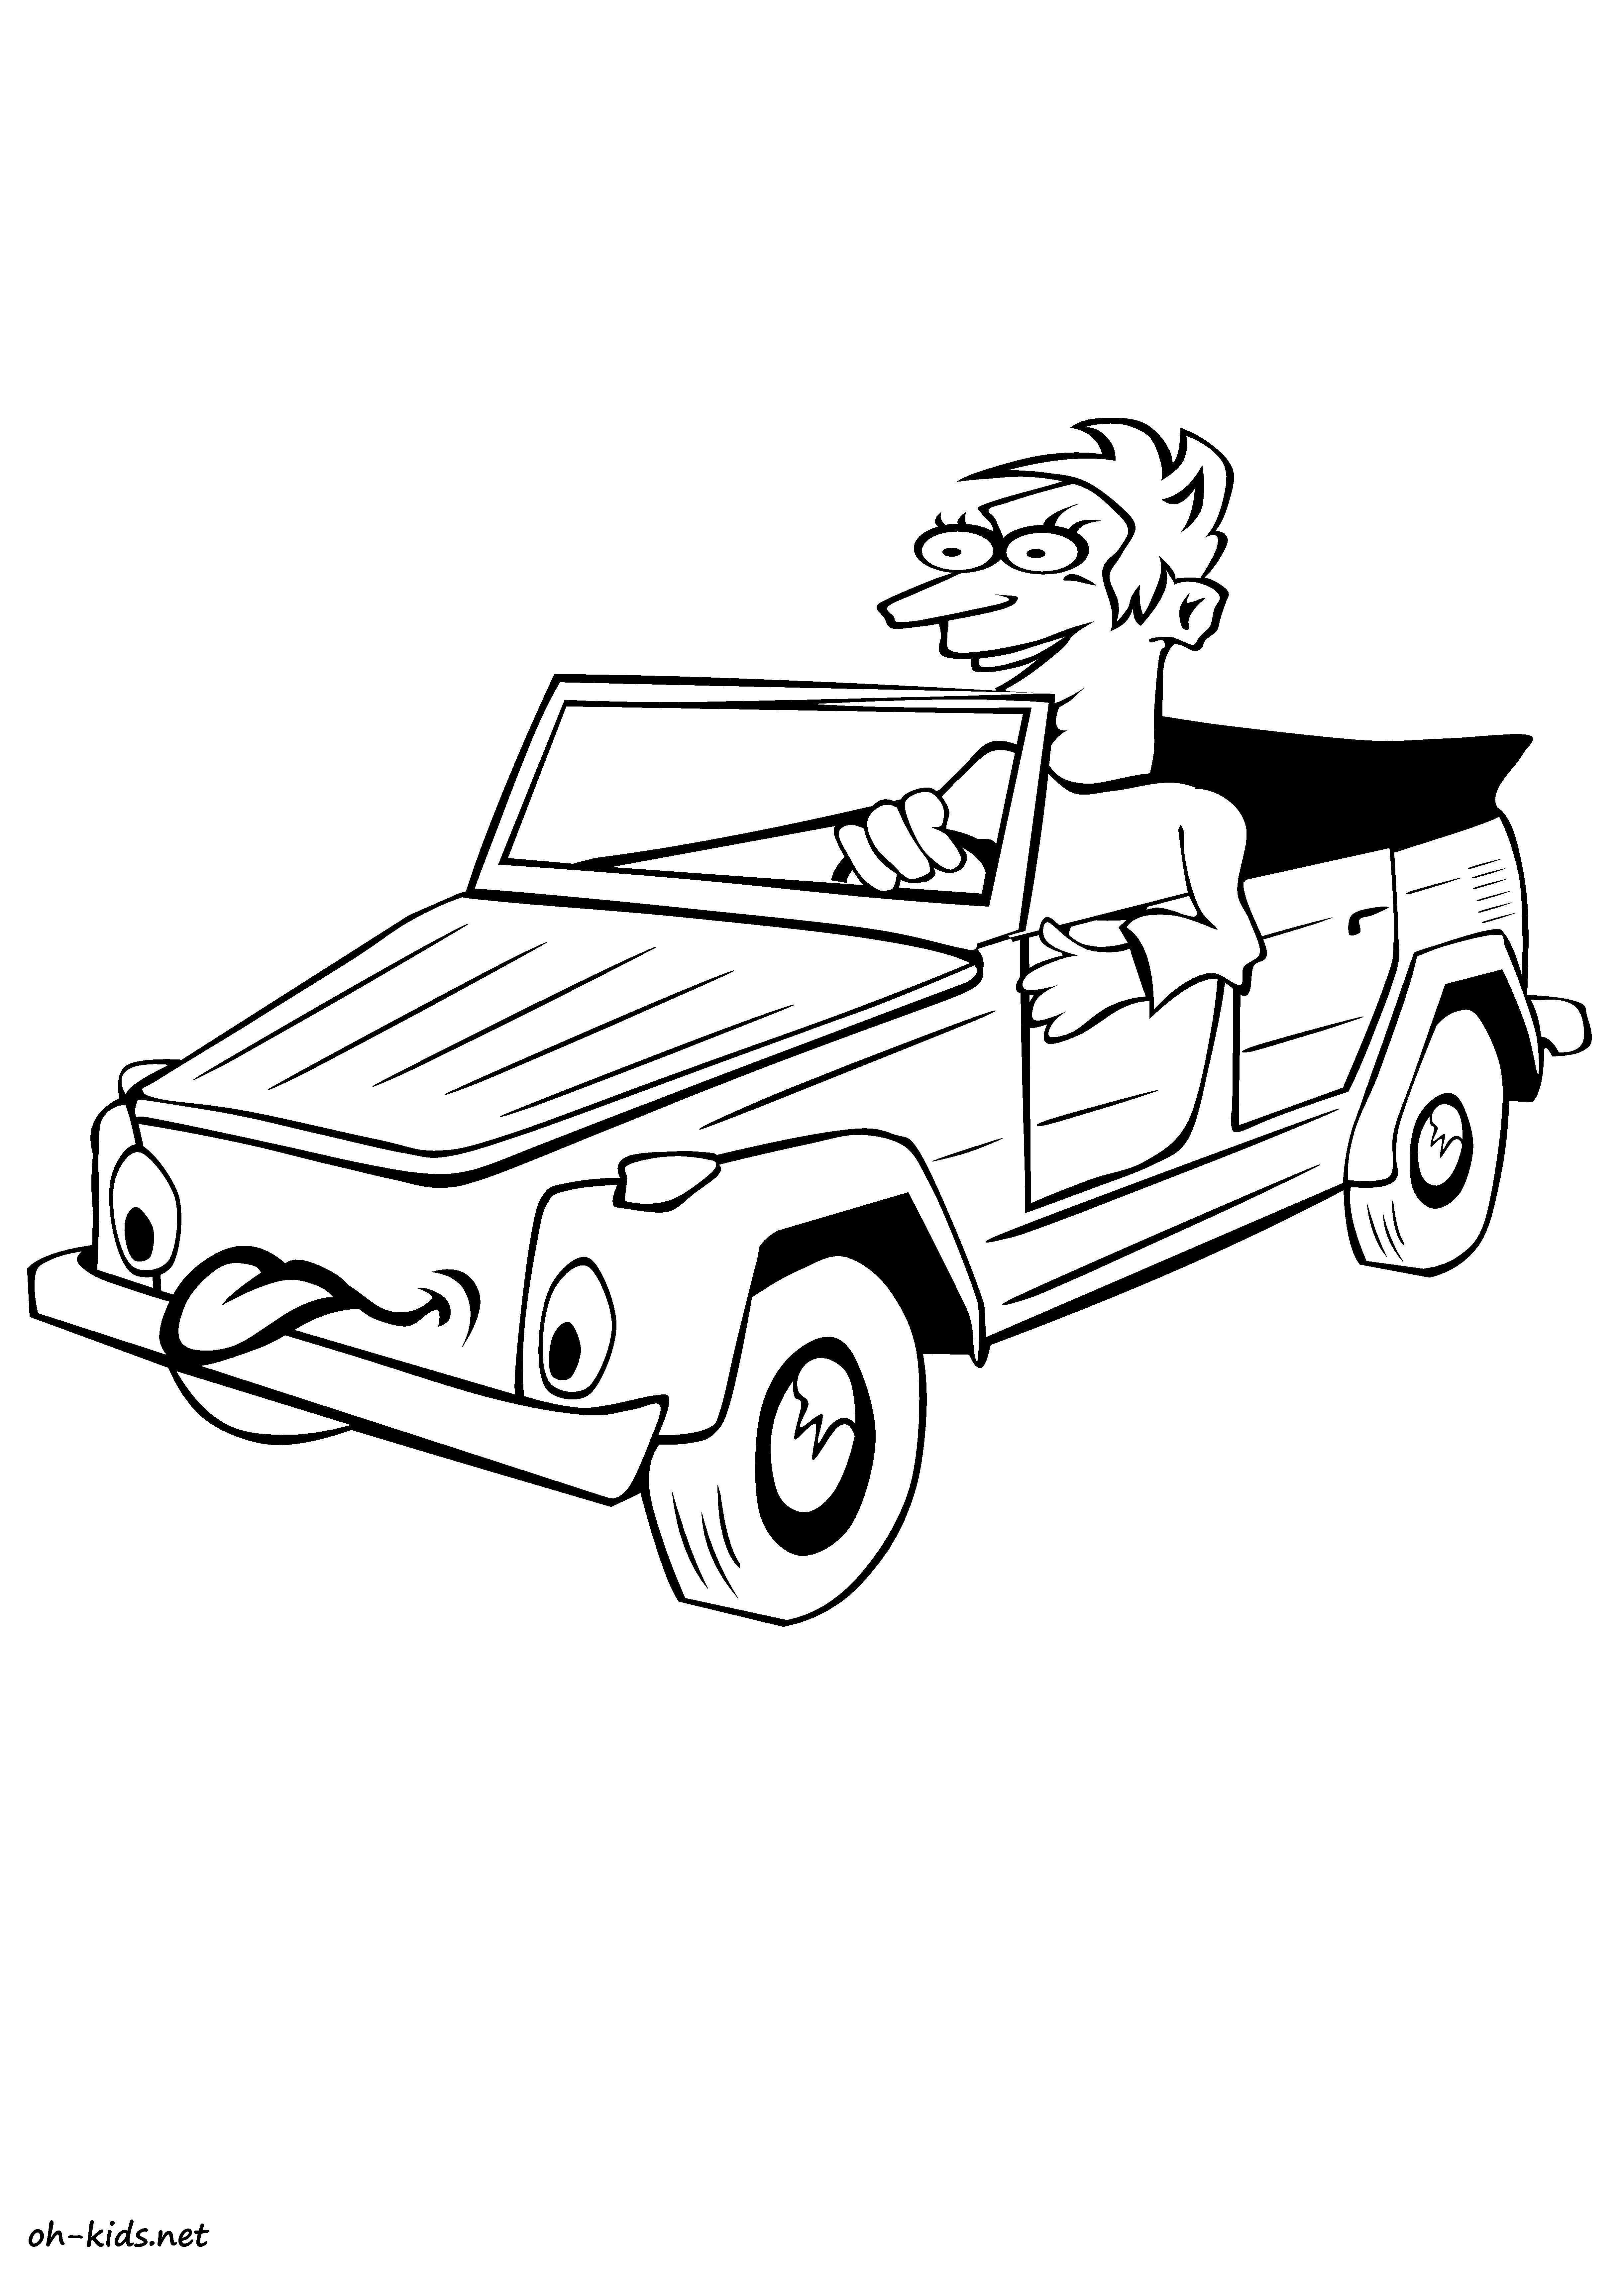 Coloriage voiture d 39 enfant oh kids fr - Coloriage voiture gratuit ...